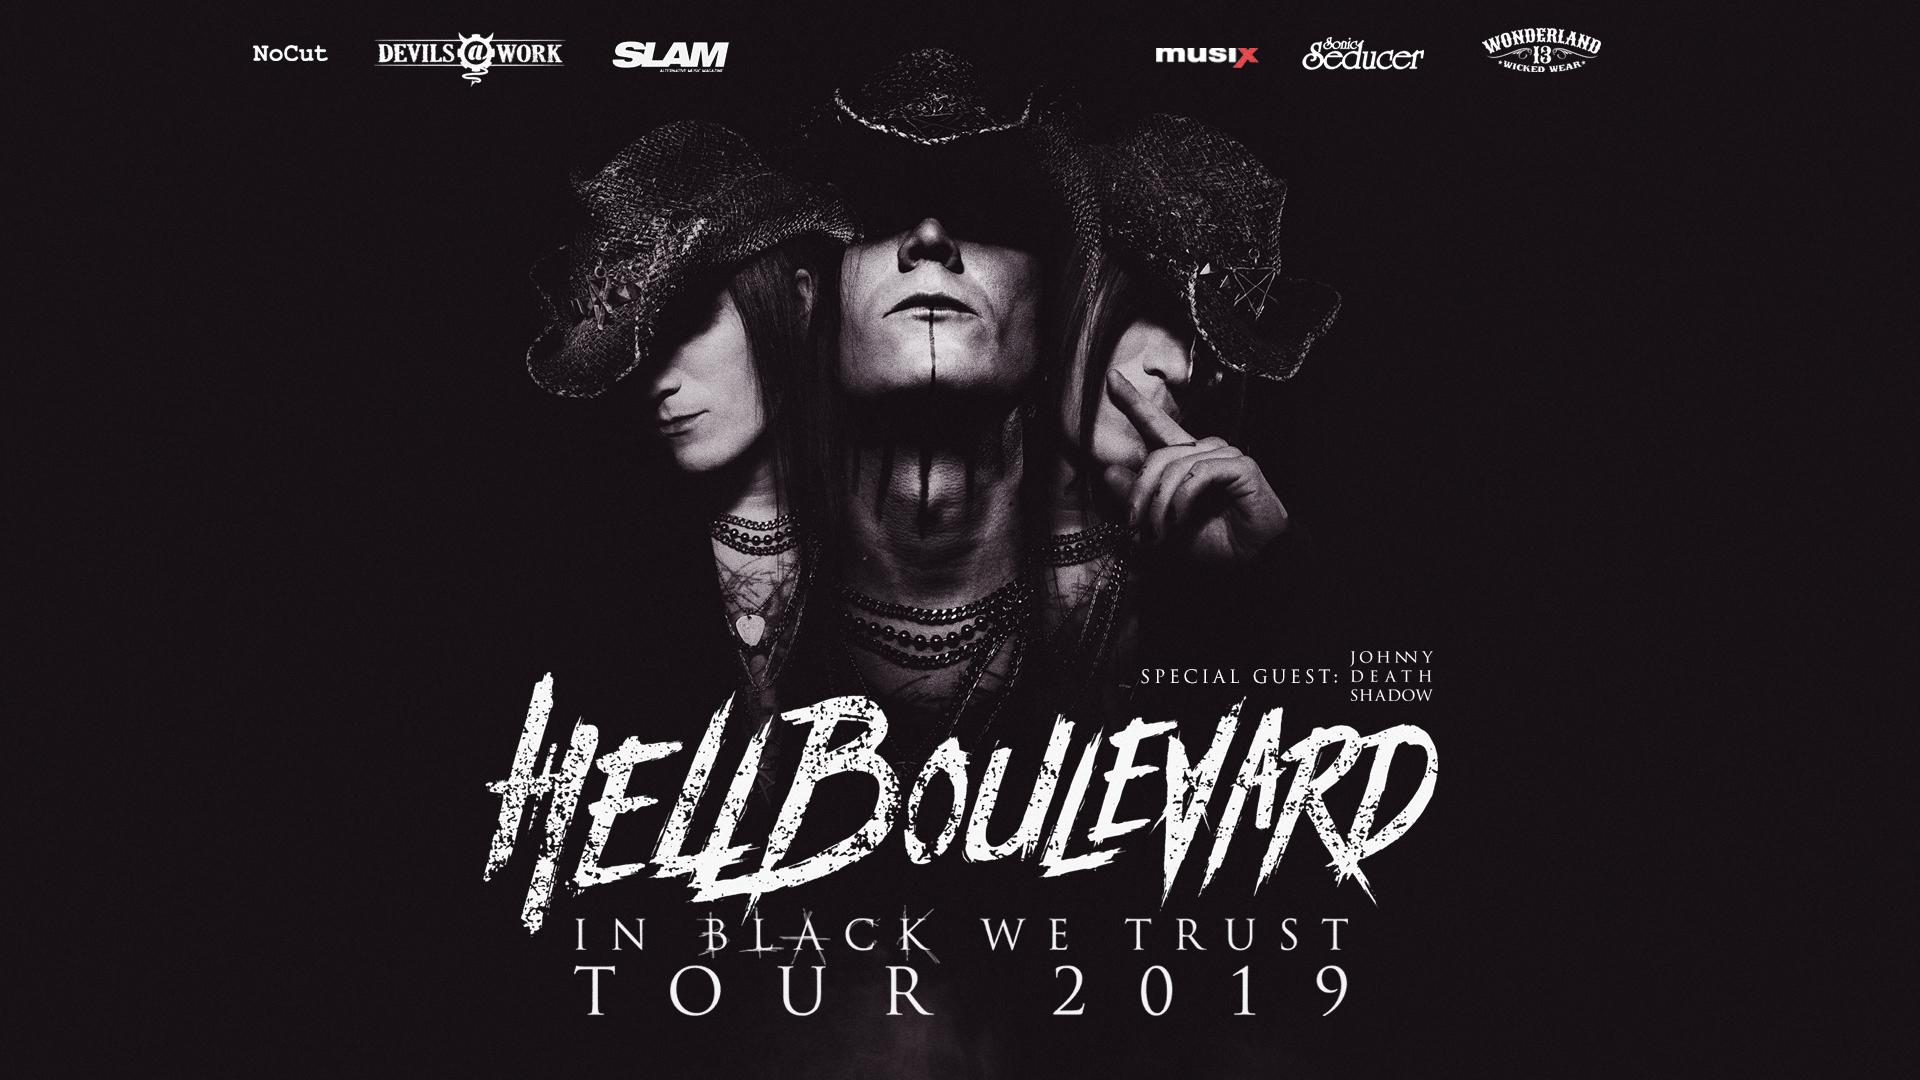 Hell Boulevard NoCut Tour Header